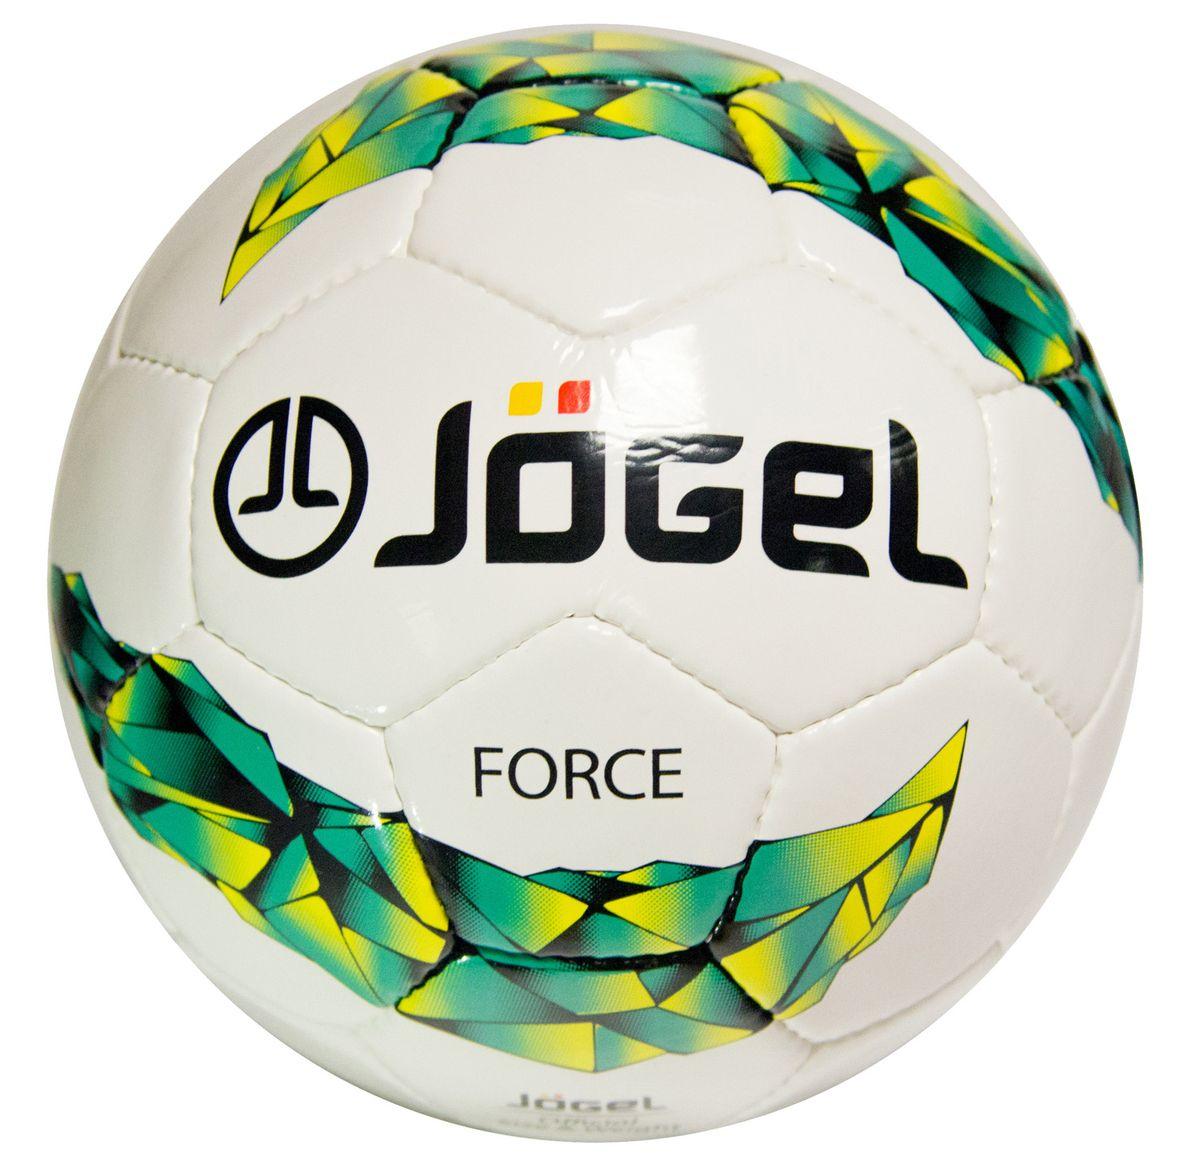 Мяч футбольный Jogel Force, цвет: белый, зеленый, желтый. Размер 4. JS-450200170Футбольный мяч Jogel JS-450 Force прекрасная любительская модель ручной сшивки. Покрышка мяча выполнена из сочетания поливинилхлорида и полиуретана, за счет чего достигается дополнительная плотность и износостойкость. Мяч Jogel JS-450 Force предназначен для любительской игры и тренировок любительских команд.Мяч имеет 4 подкладочных слоя на нетканой основе (смесь хлопка с полиэстером) и латексную камеру с бутиловым ниппелем, который обеспечивает долгое сохранение воздуха в камере.Мяч не рекомендован для игры при низких температурах (ниже +5°С).Вес: 410-450 гр.Длина окружности: 68-70 см.Рекомендованное давление: 0.6-0.8 бар.УВАЖАЕМЫЕ КЛИЕНТЫ!Обращаем ваше внимание на тот факт, что мяч поставляется в сдутом виде. Насос в комплект не входит.